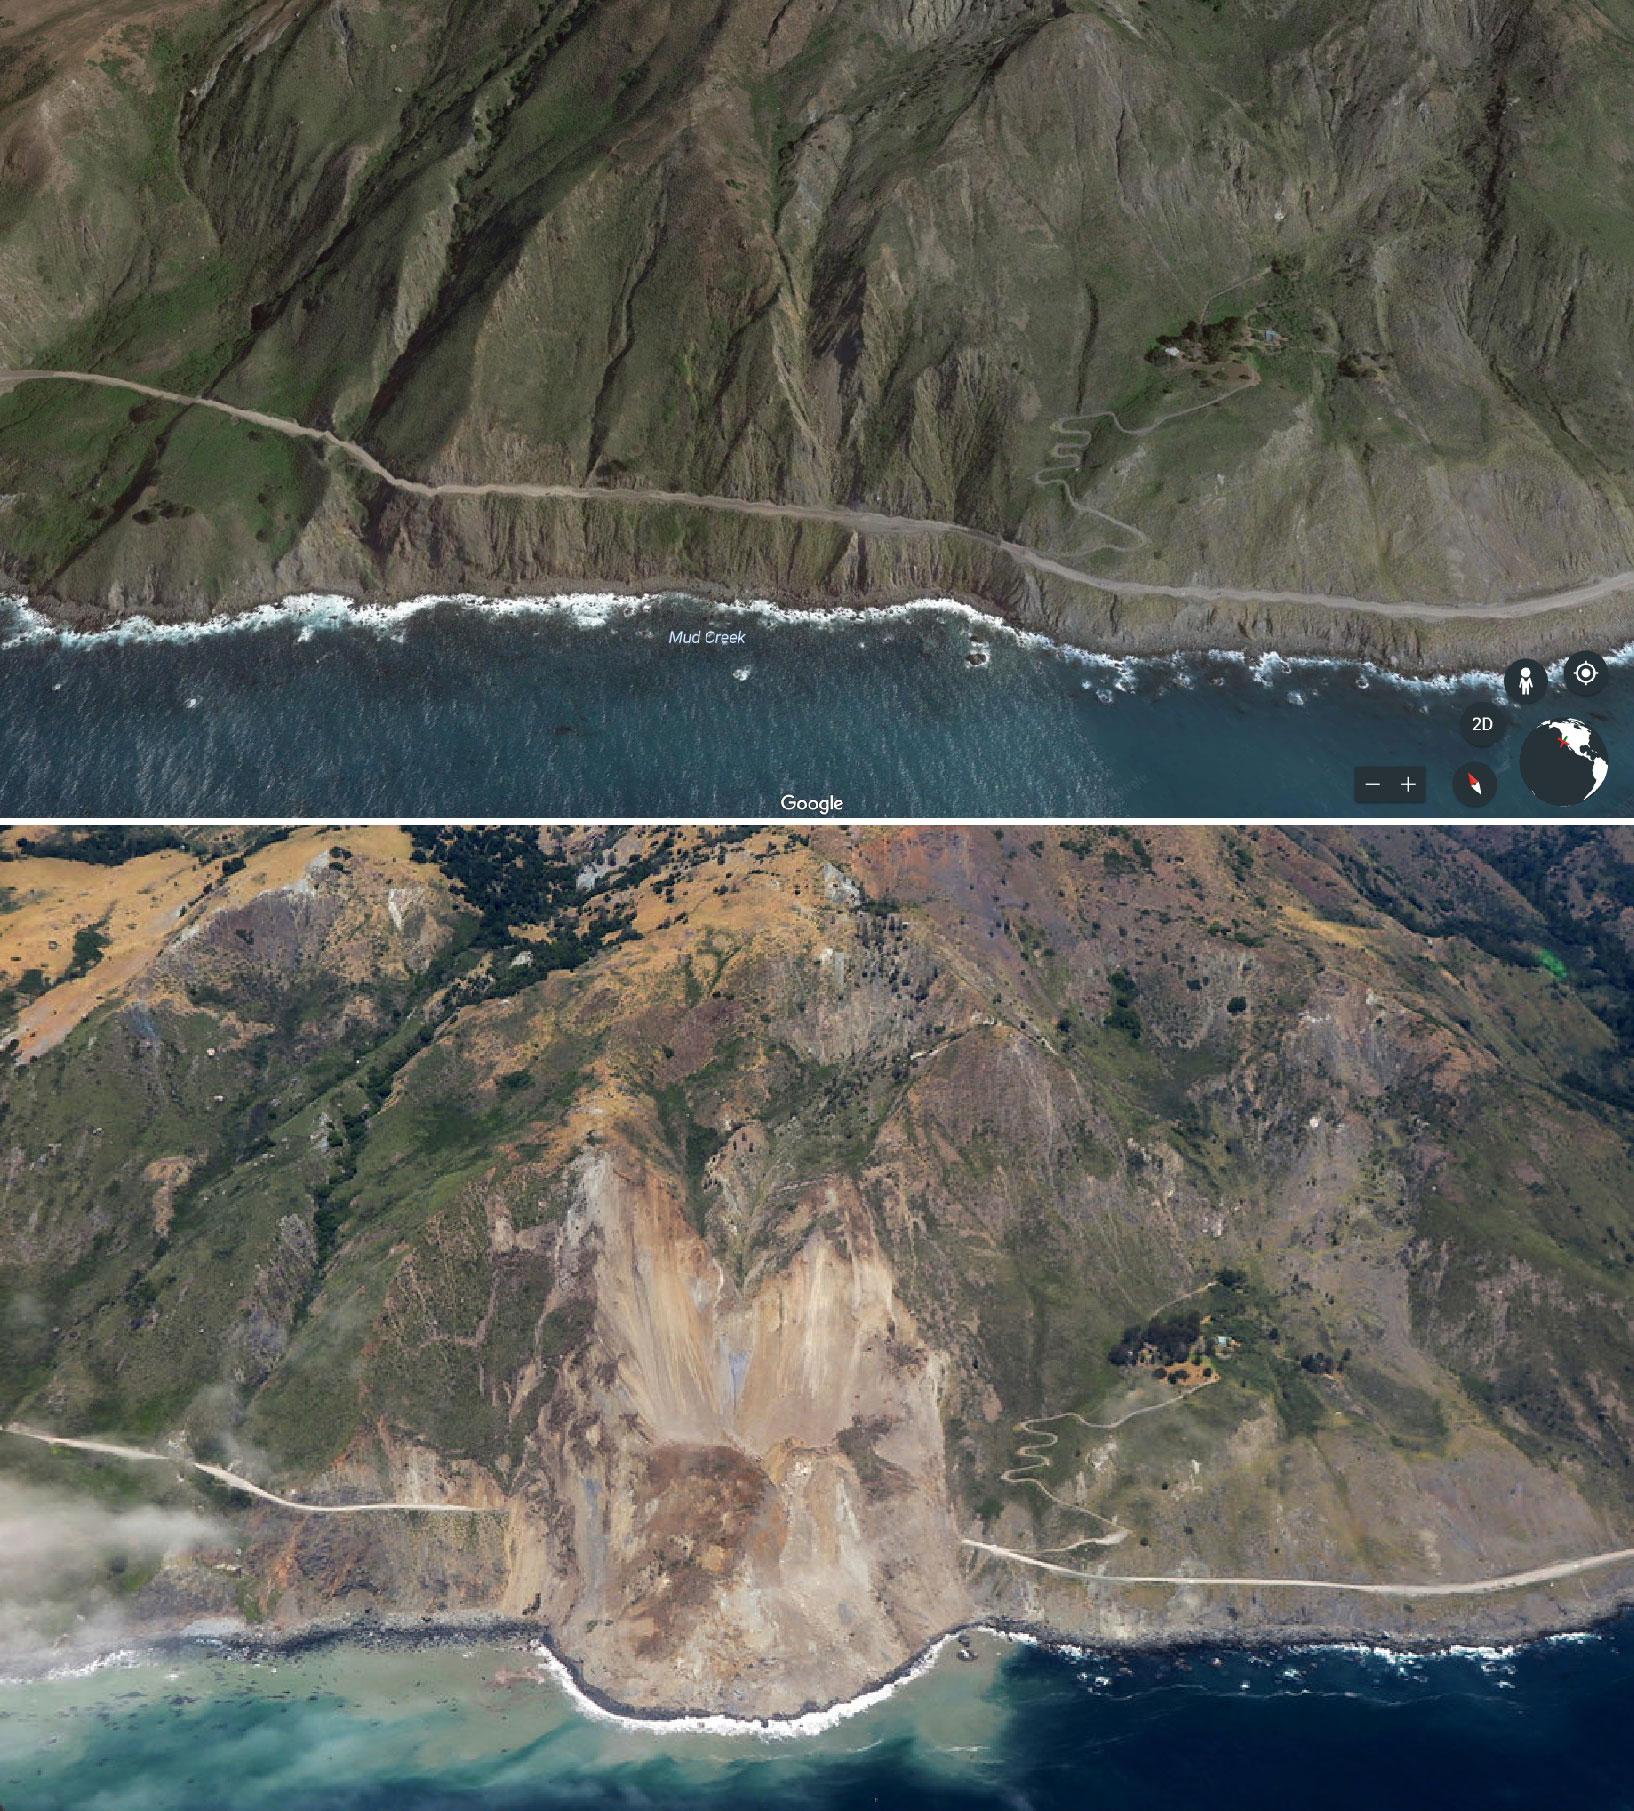 big-sur-landslide-before-and-after